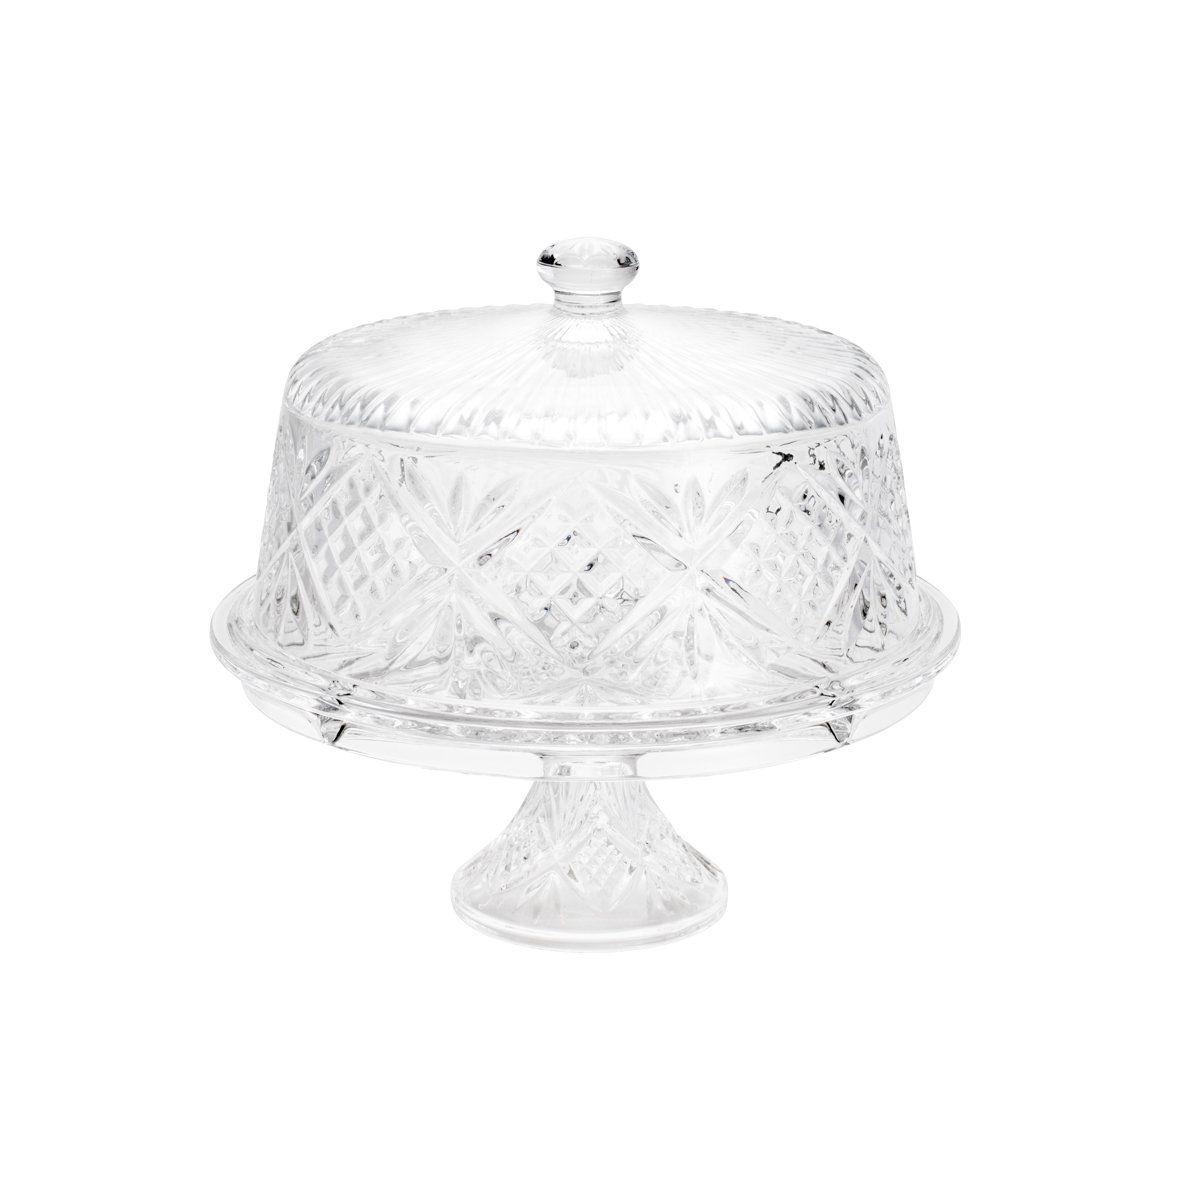 Prato 30,5 cm para bolo de cristal transparente com tampa e pé Ice Rock Wolff - 3896